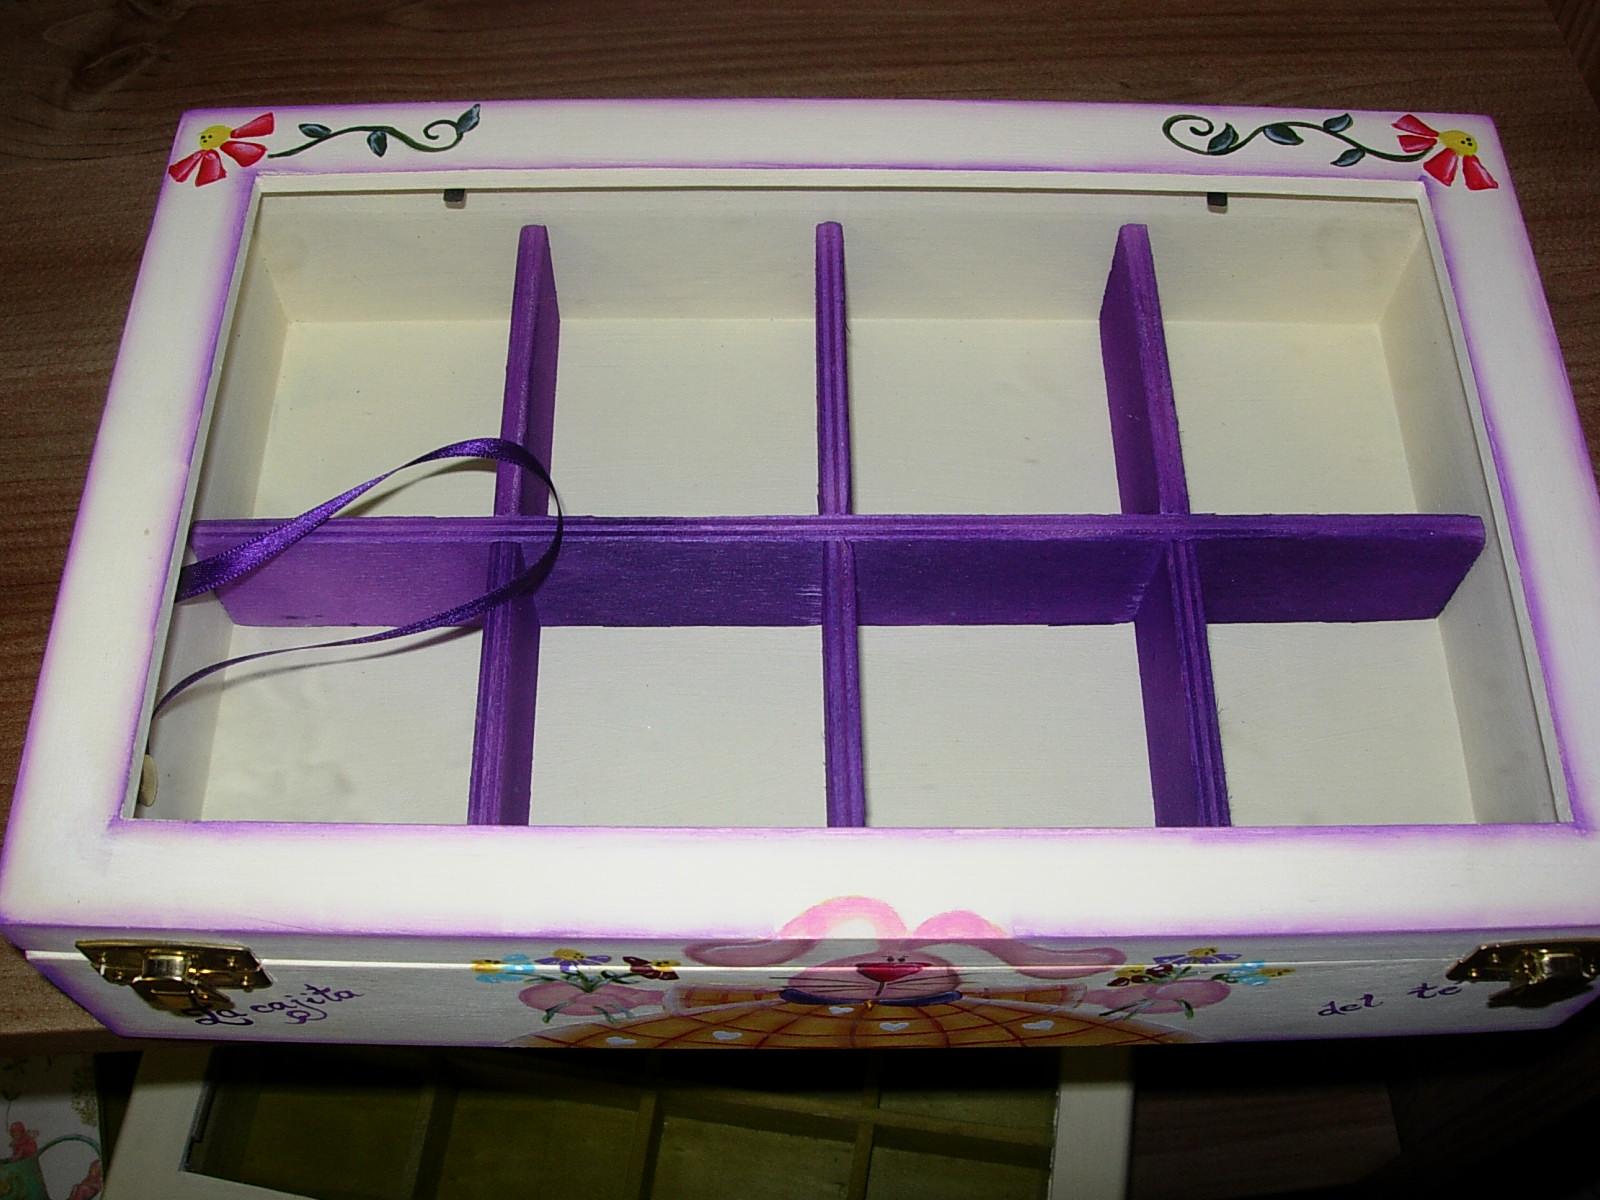 Artesania abona cajas de t pintadas a mano - Baules pintados a mano ...